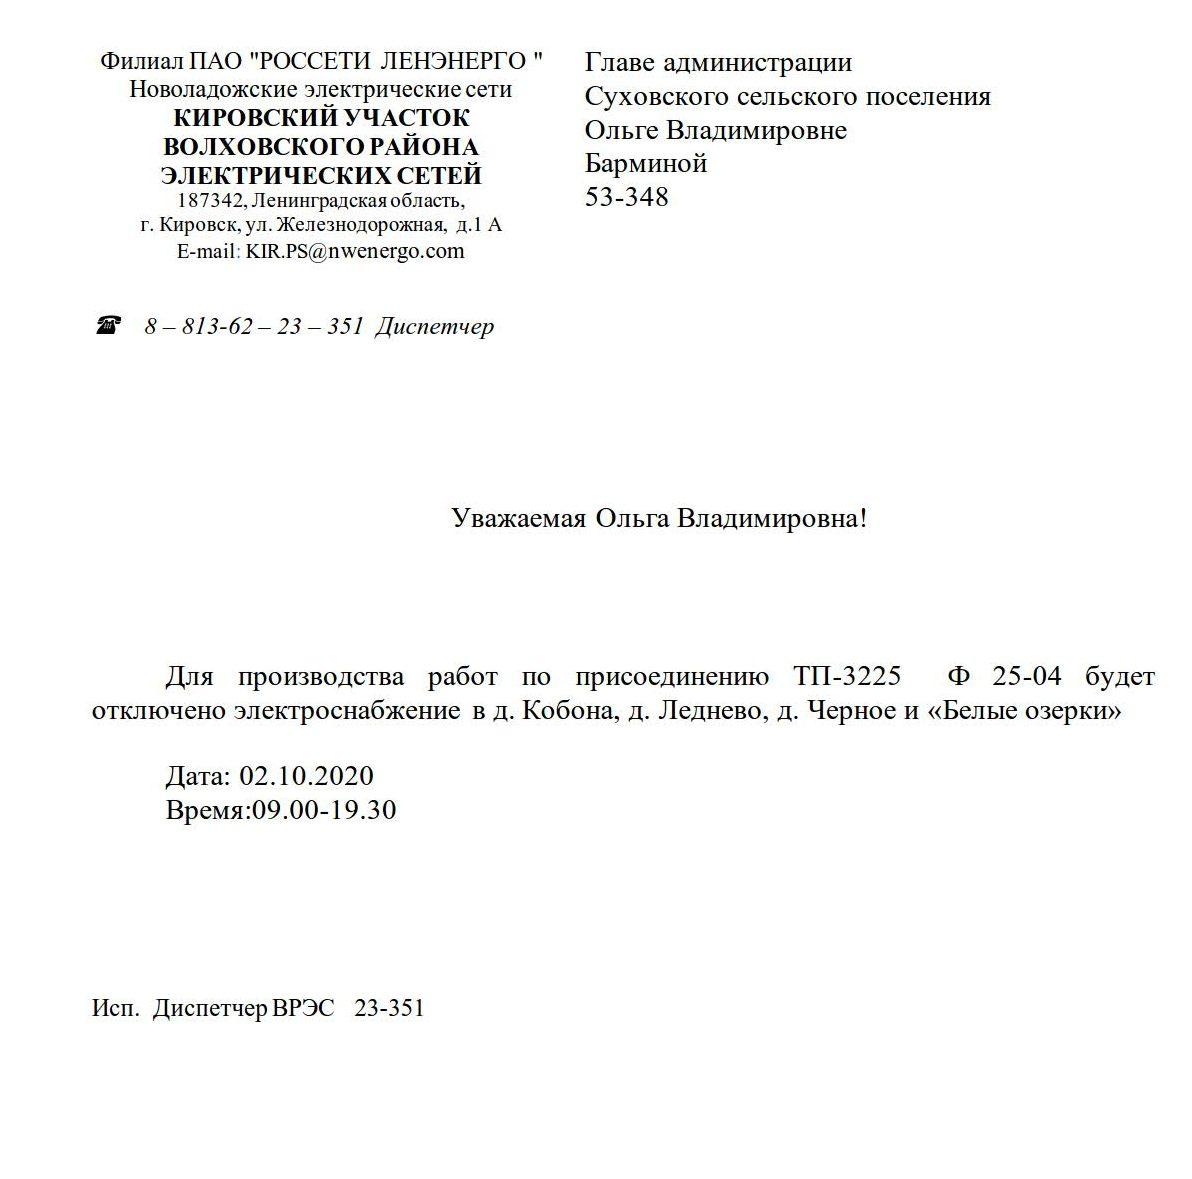 Барминой О.В. Ф 25-04 10кВ на 23.09.20г._1